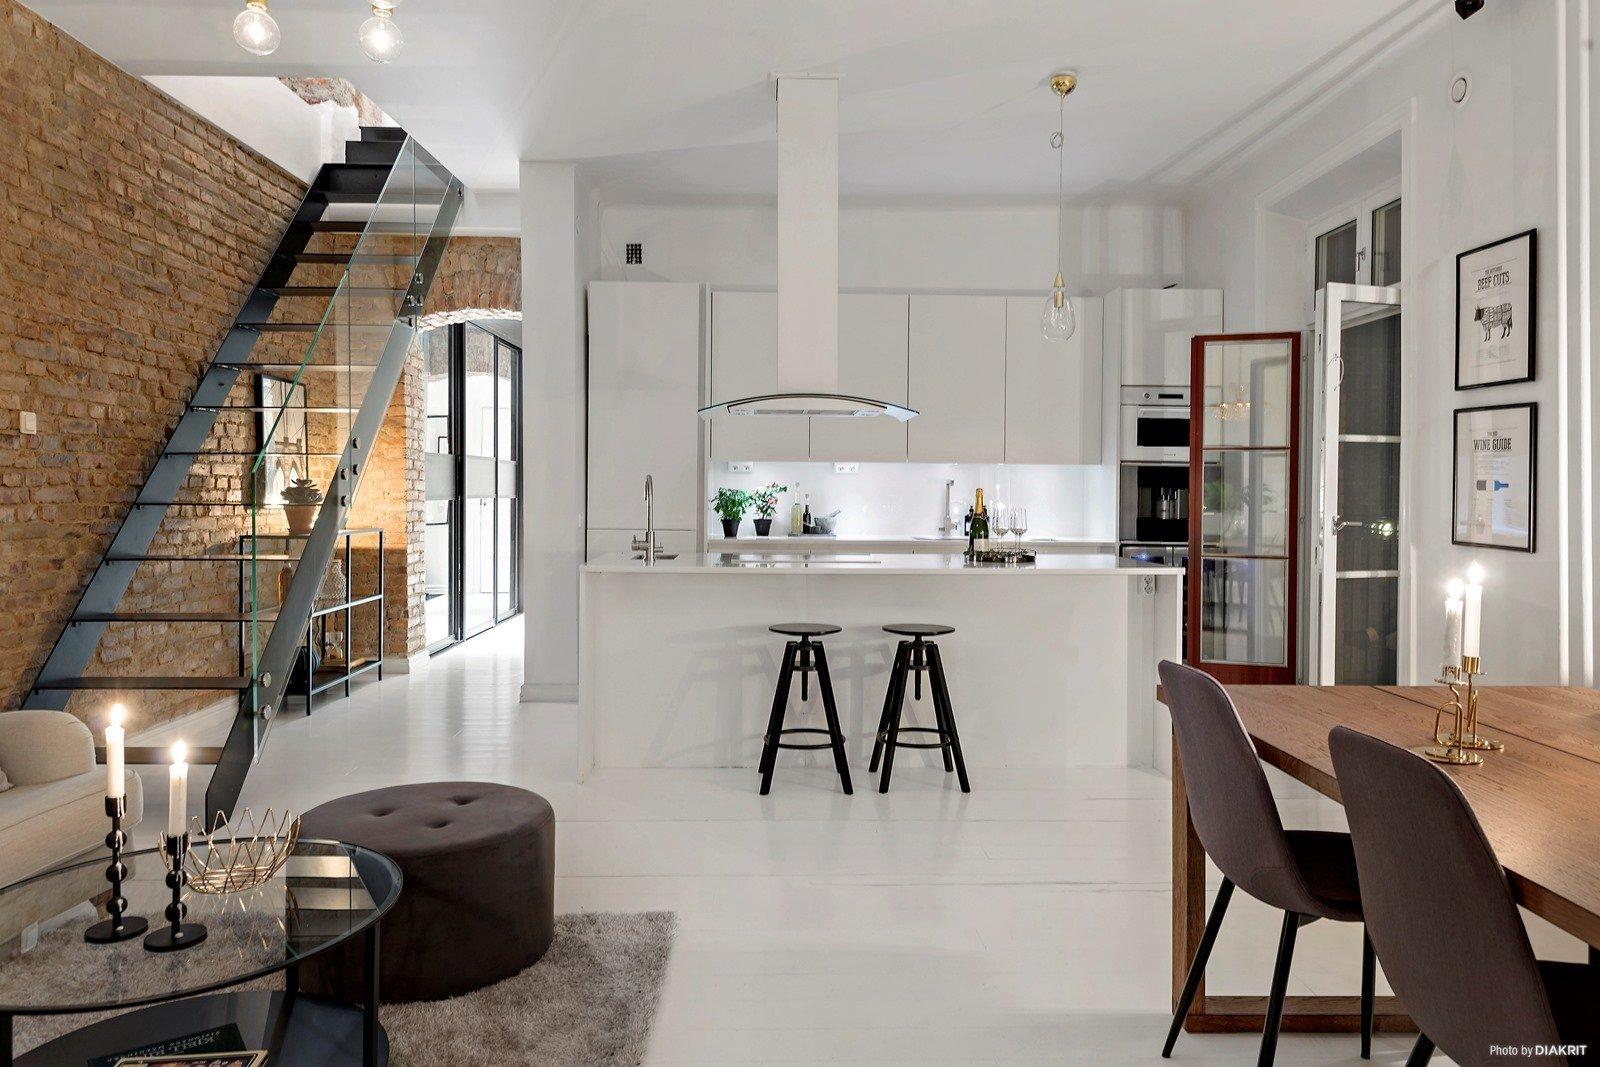 Dnes se vydáme na prohlídku naprosto luxusního podkrovního bytu. Nachází se ve Švédsku a na svých 119 m² prezentuje příjemné spojení skandinávského a industriálního stylu bydlení, kterému nechybí ani romantické prvky.